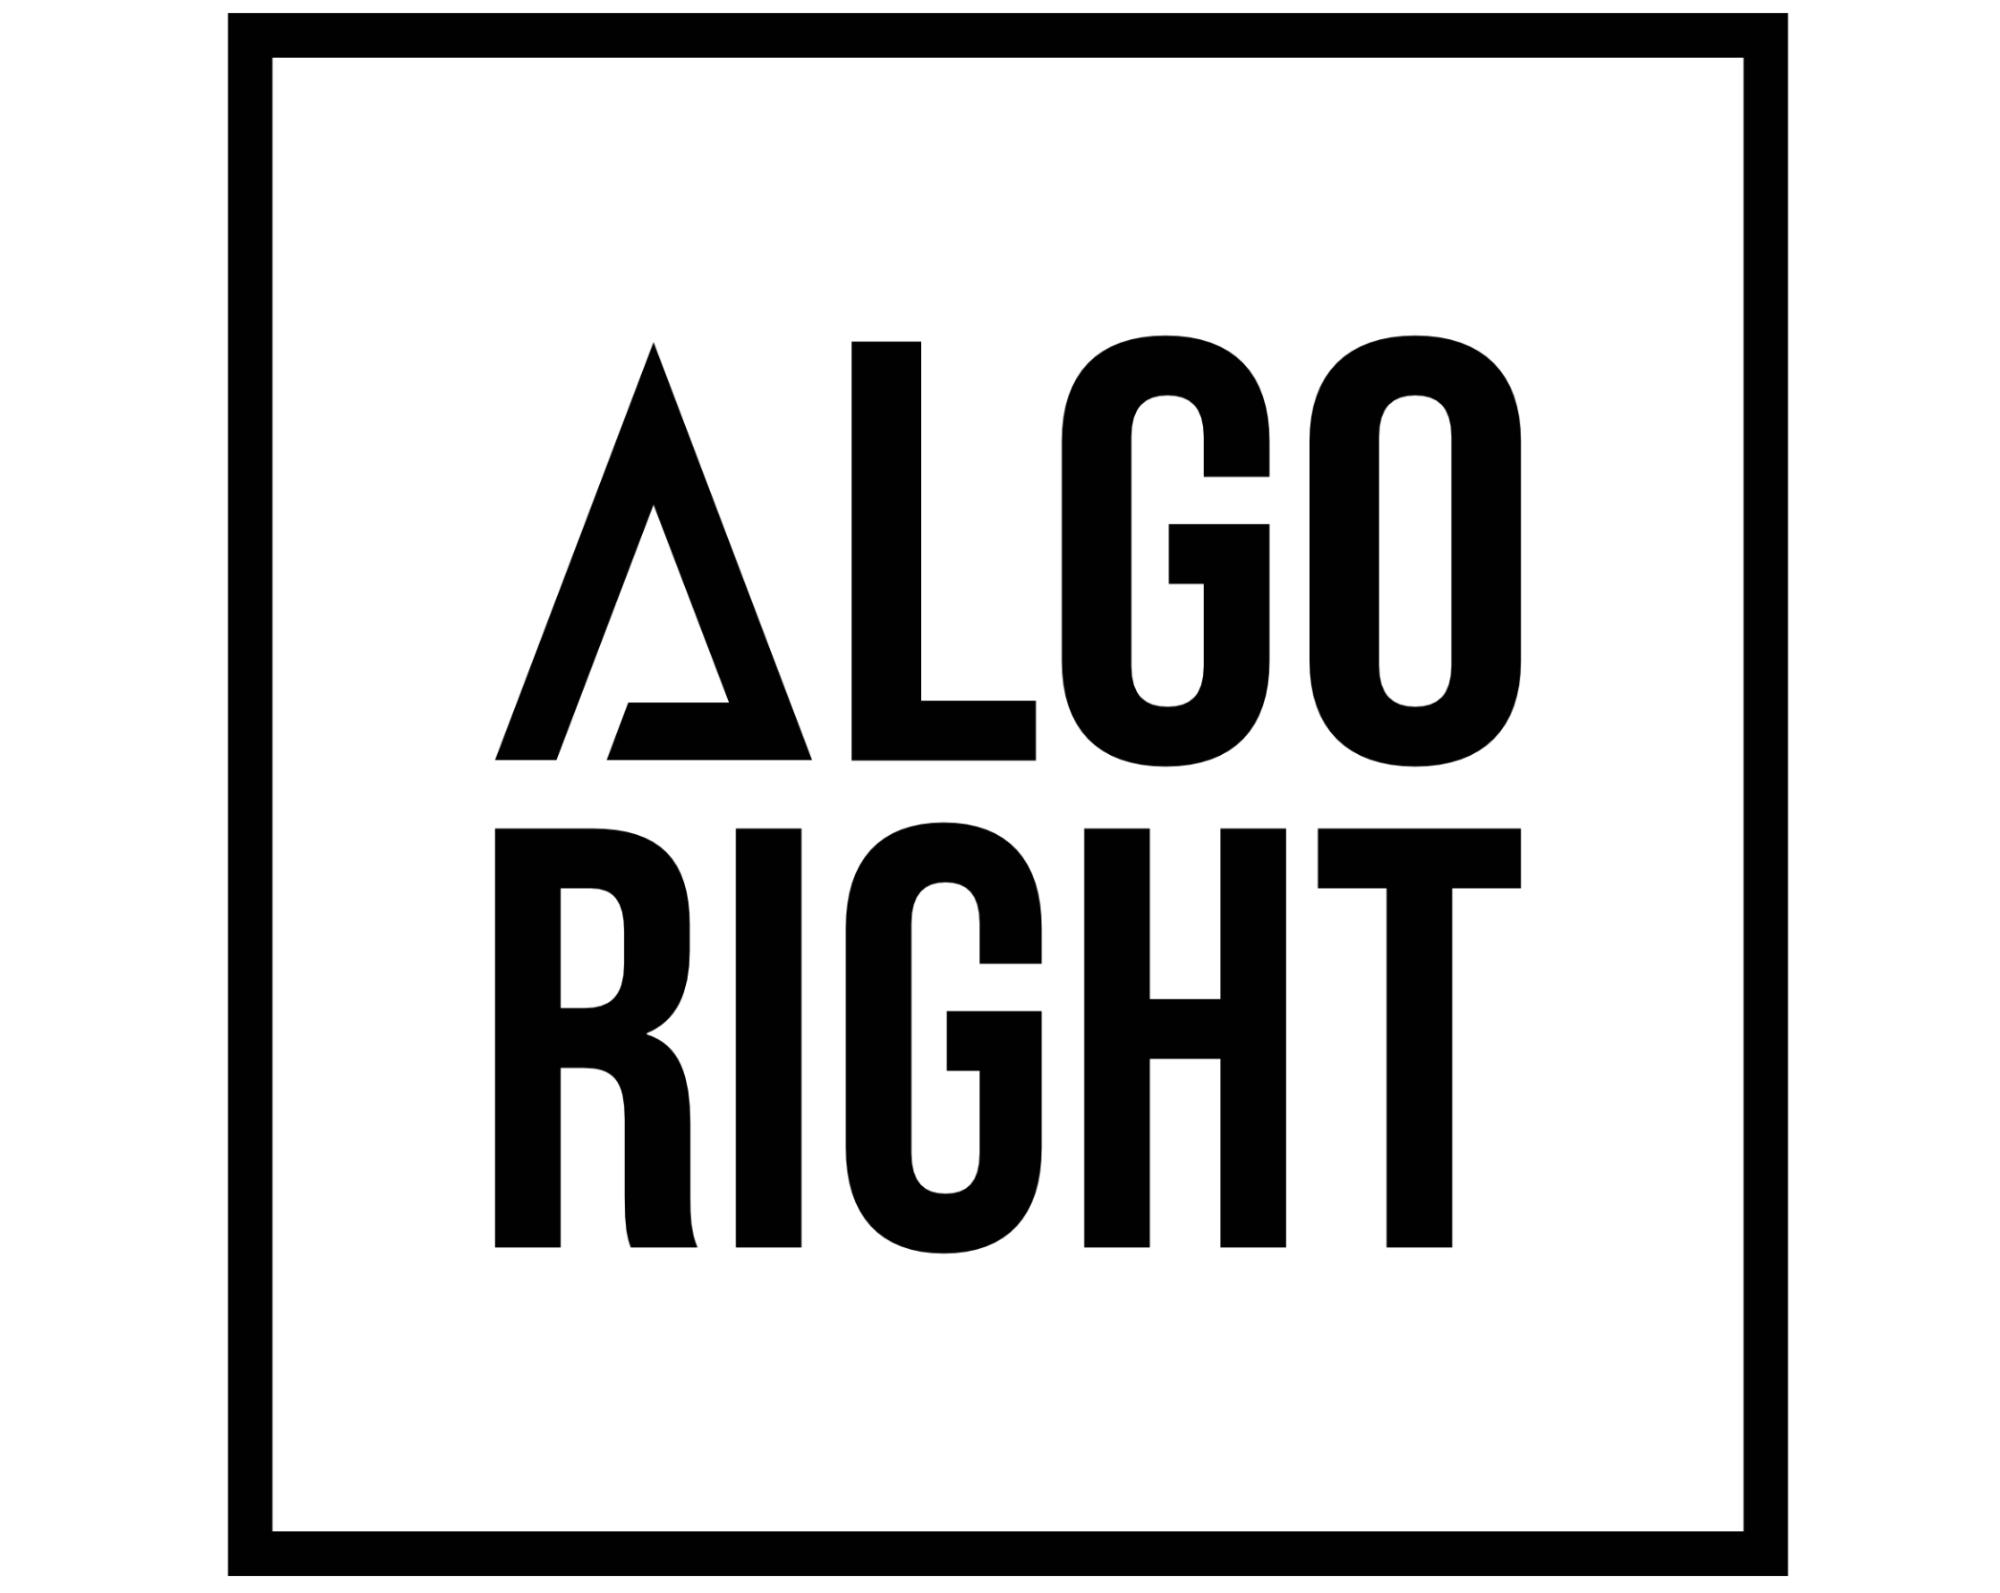 Algoright